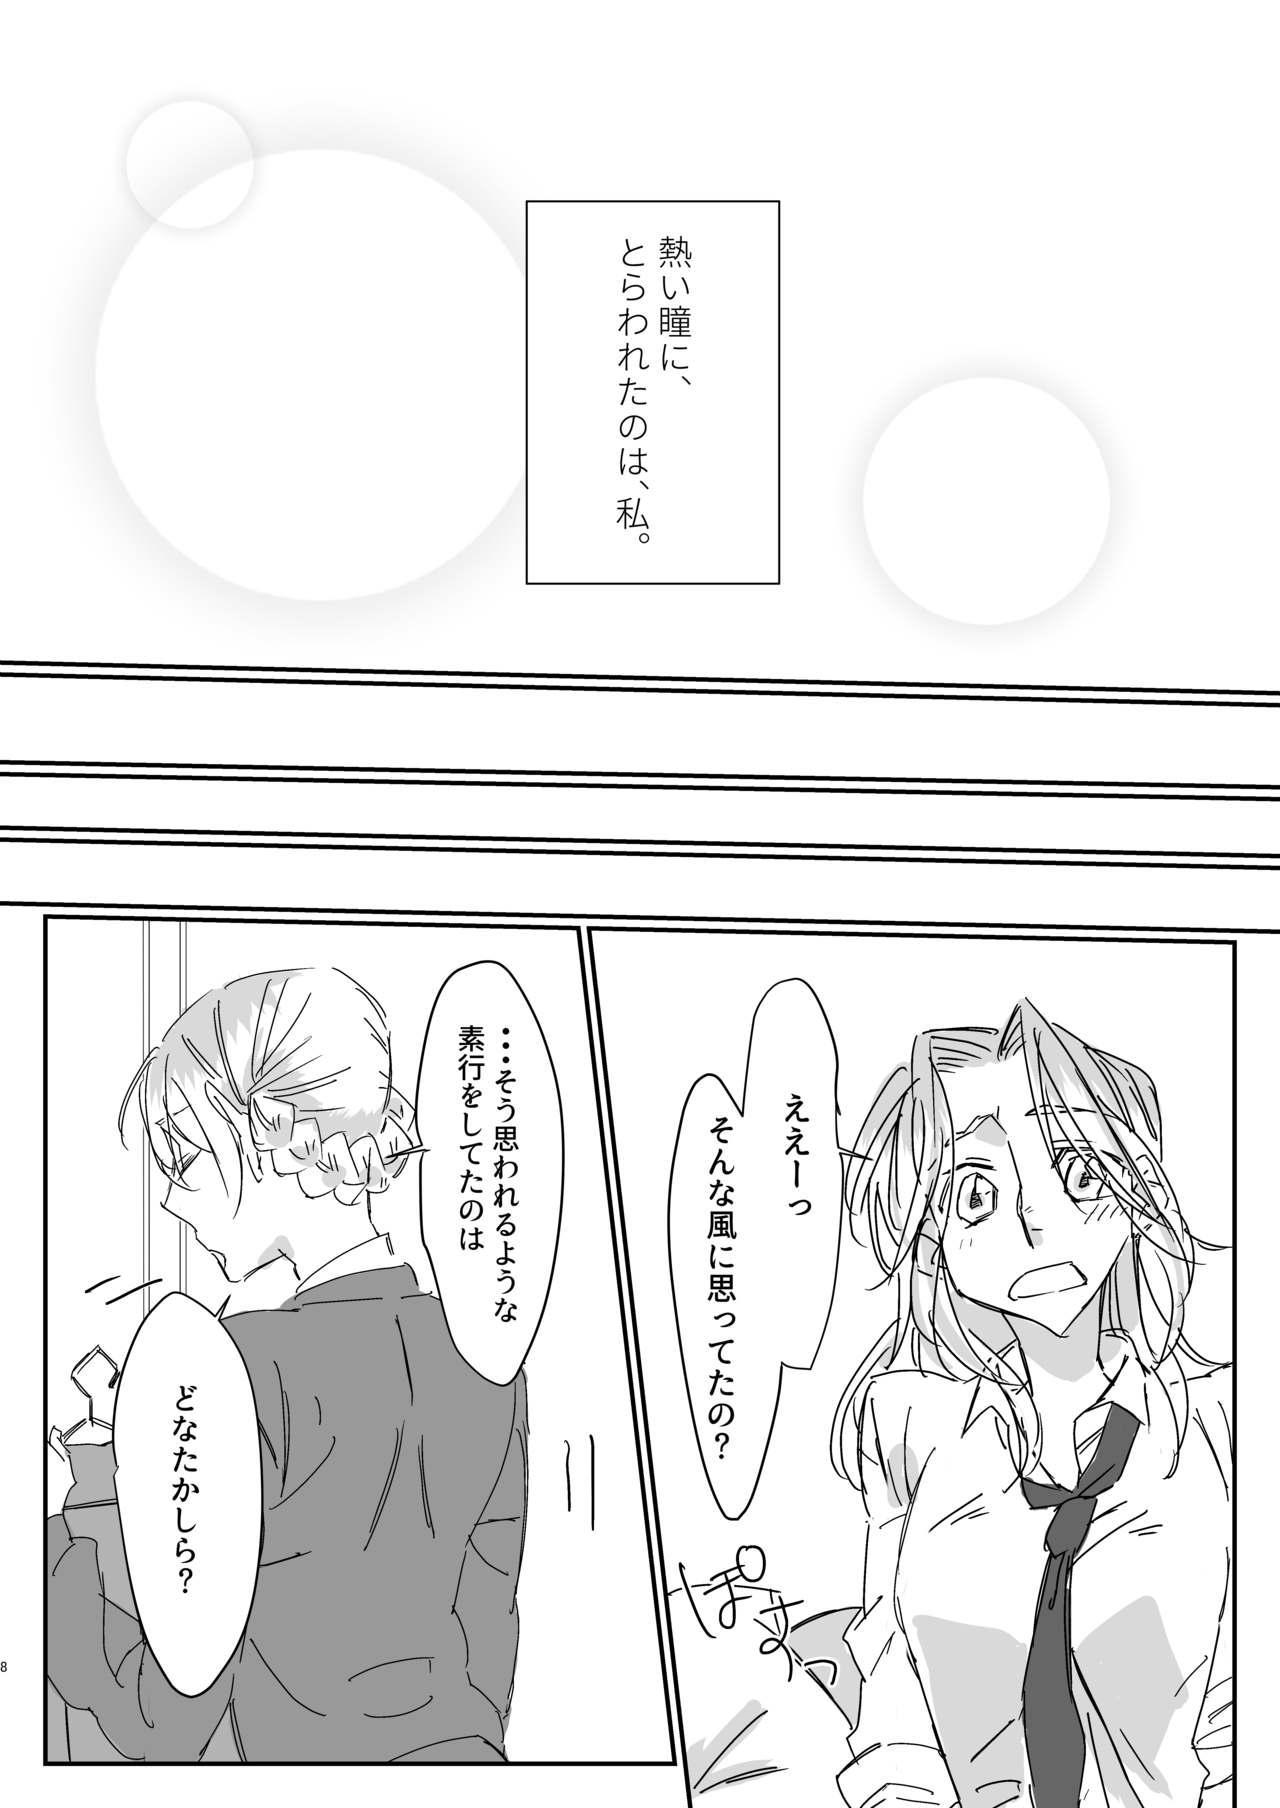 Zutto Kijo ni Koishiteta. 6